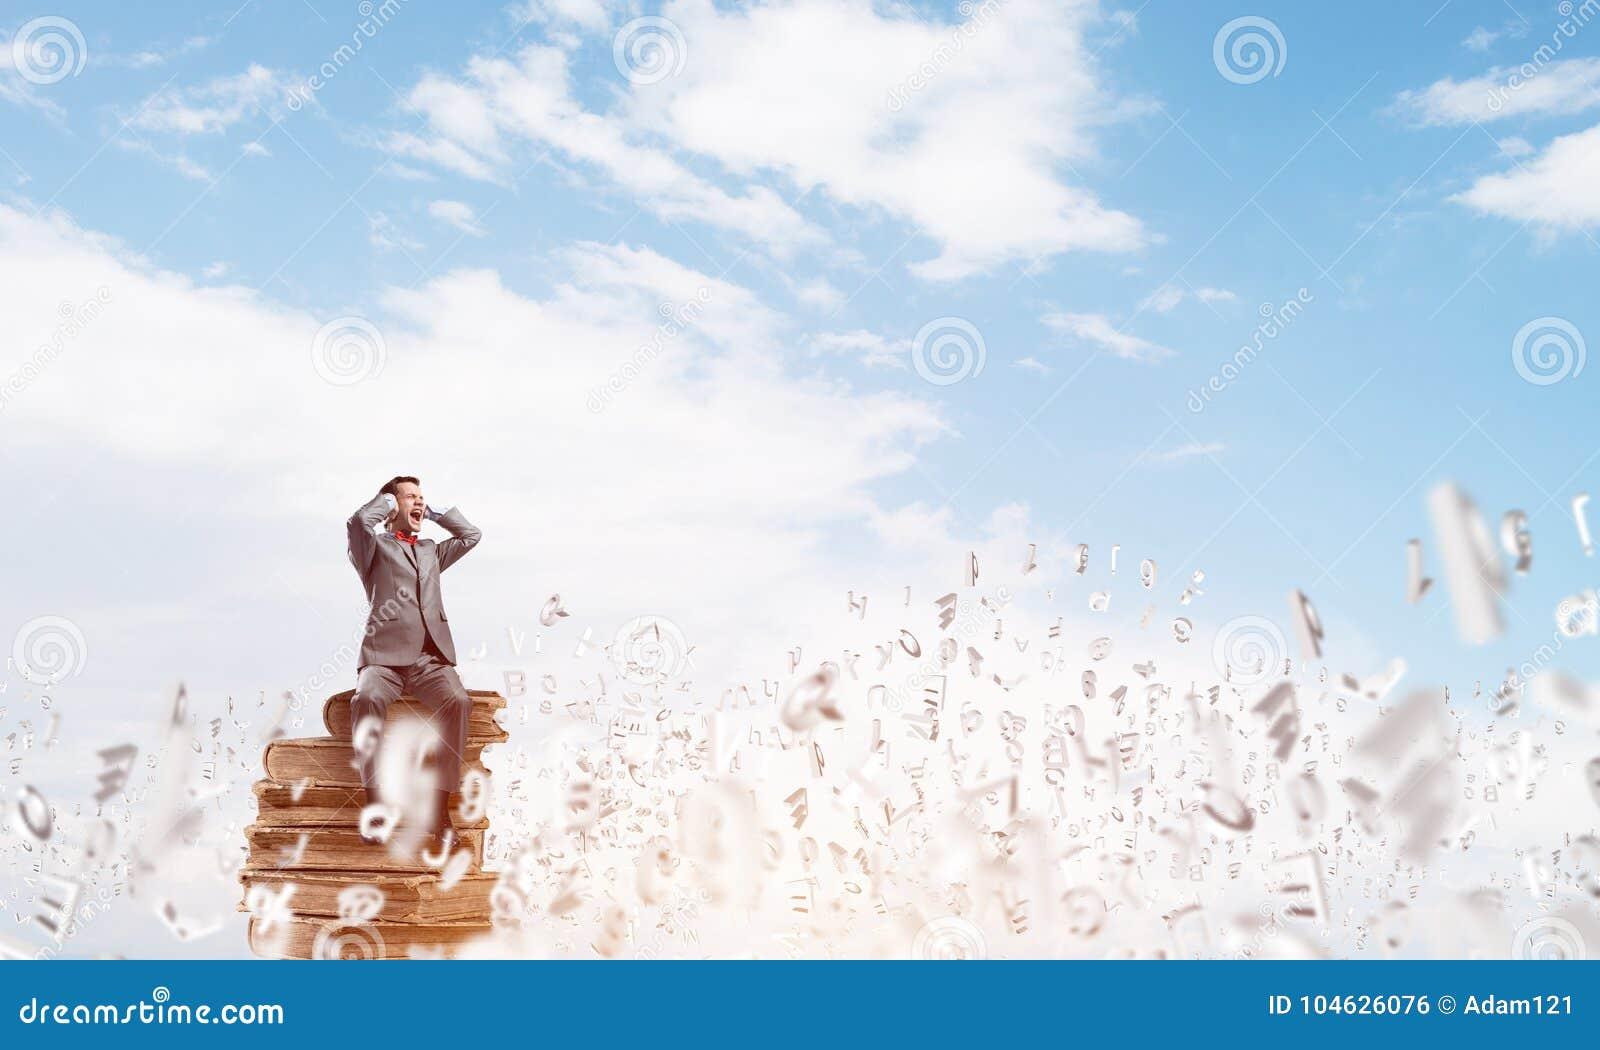 Download De Jonge Mens In Daghemel Wil Niet Om Het Even Wat Horen Stock Foto - Afbeelding bestaande uit kerel, dekking: 104626076